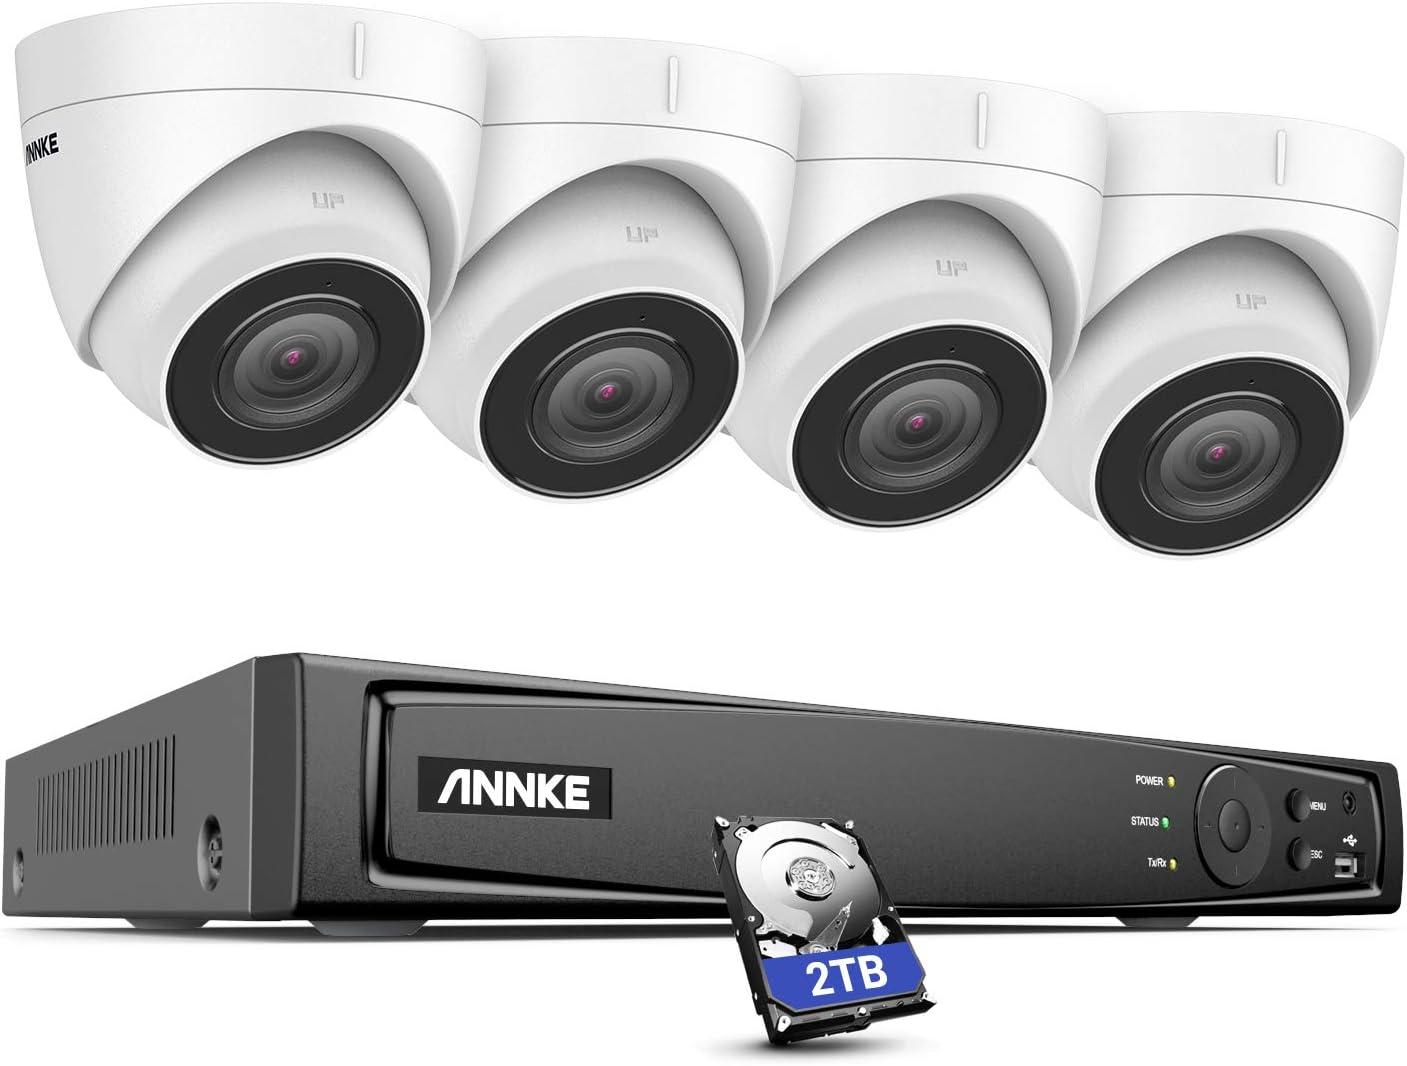 Annke H800 4k Poe Überwachungskamera Set Mit Audioaufnehmen 8mp Video Überwachungssystem Mit 4x 8mp Ip Dome Kameras H 265 8ch Onvif Nvr Rekorder Mit 2tb Festplatte Baumarkt